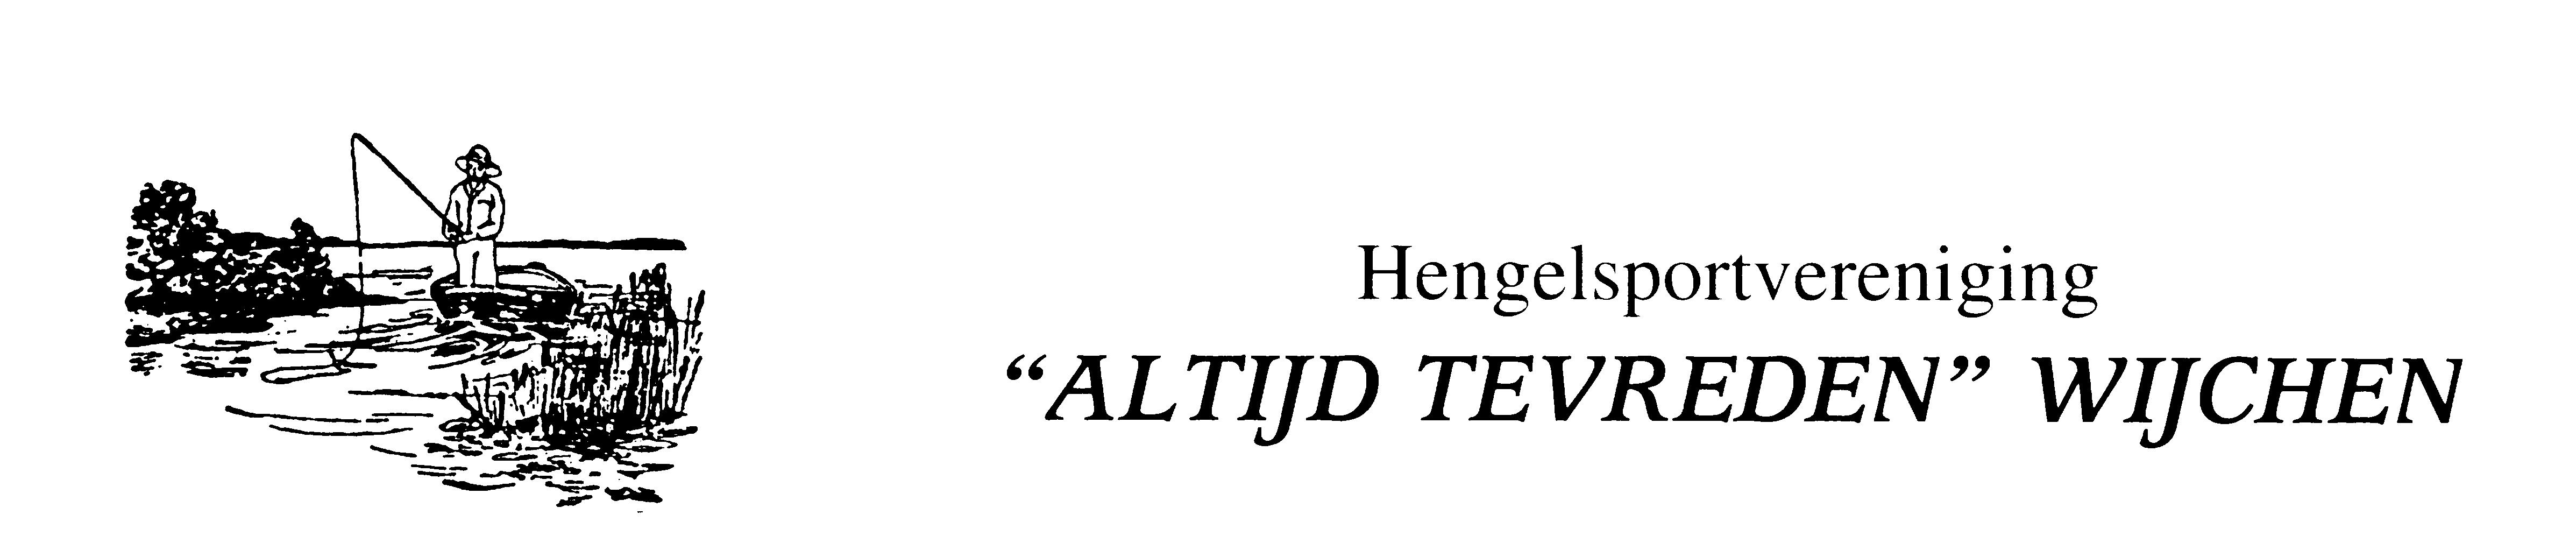 Hengelsportvereniging Altijd Tevreden Logo